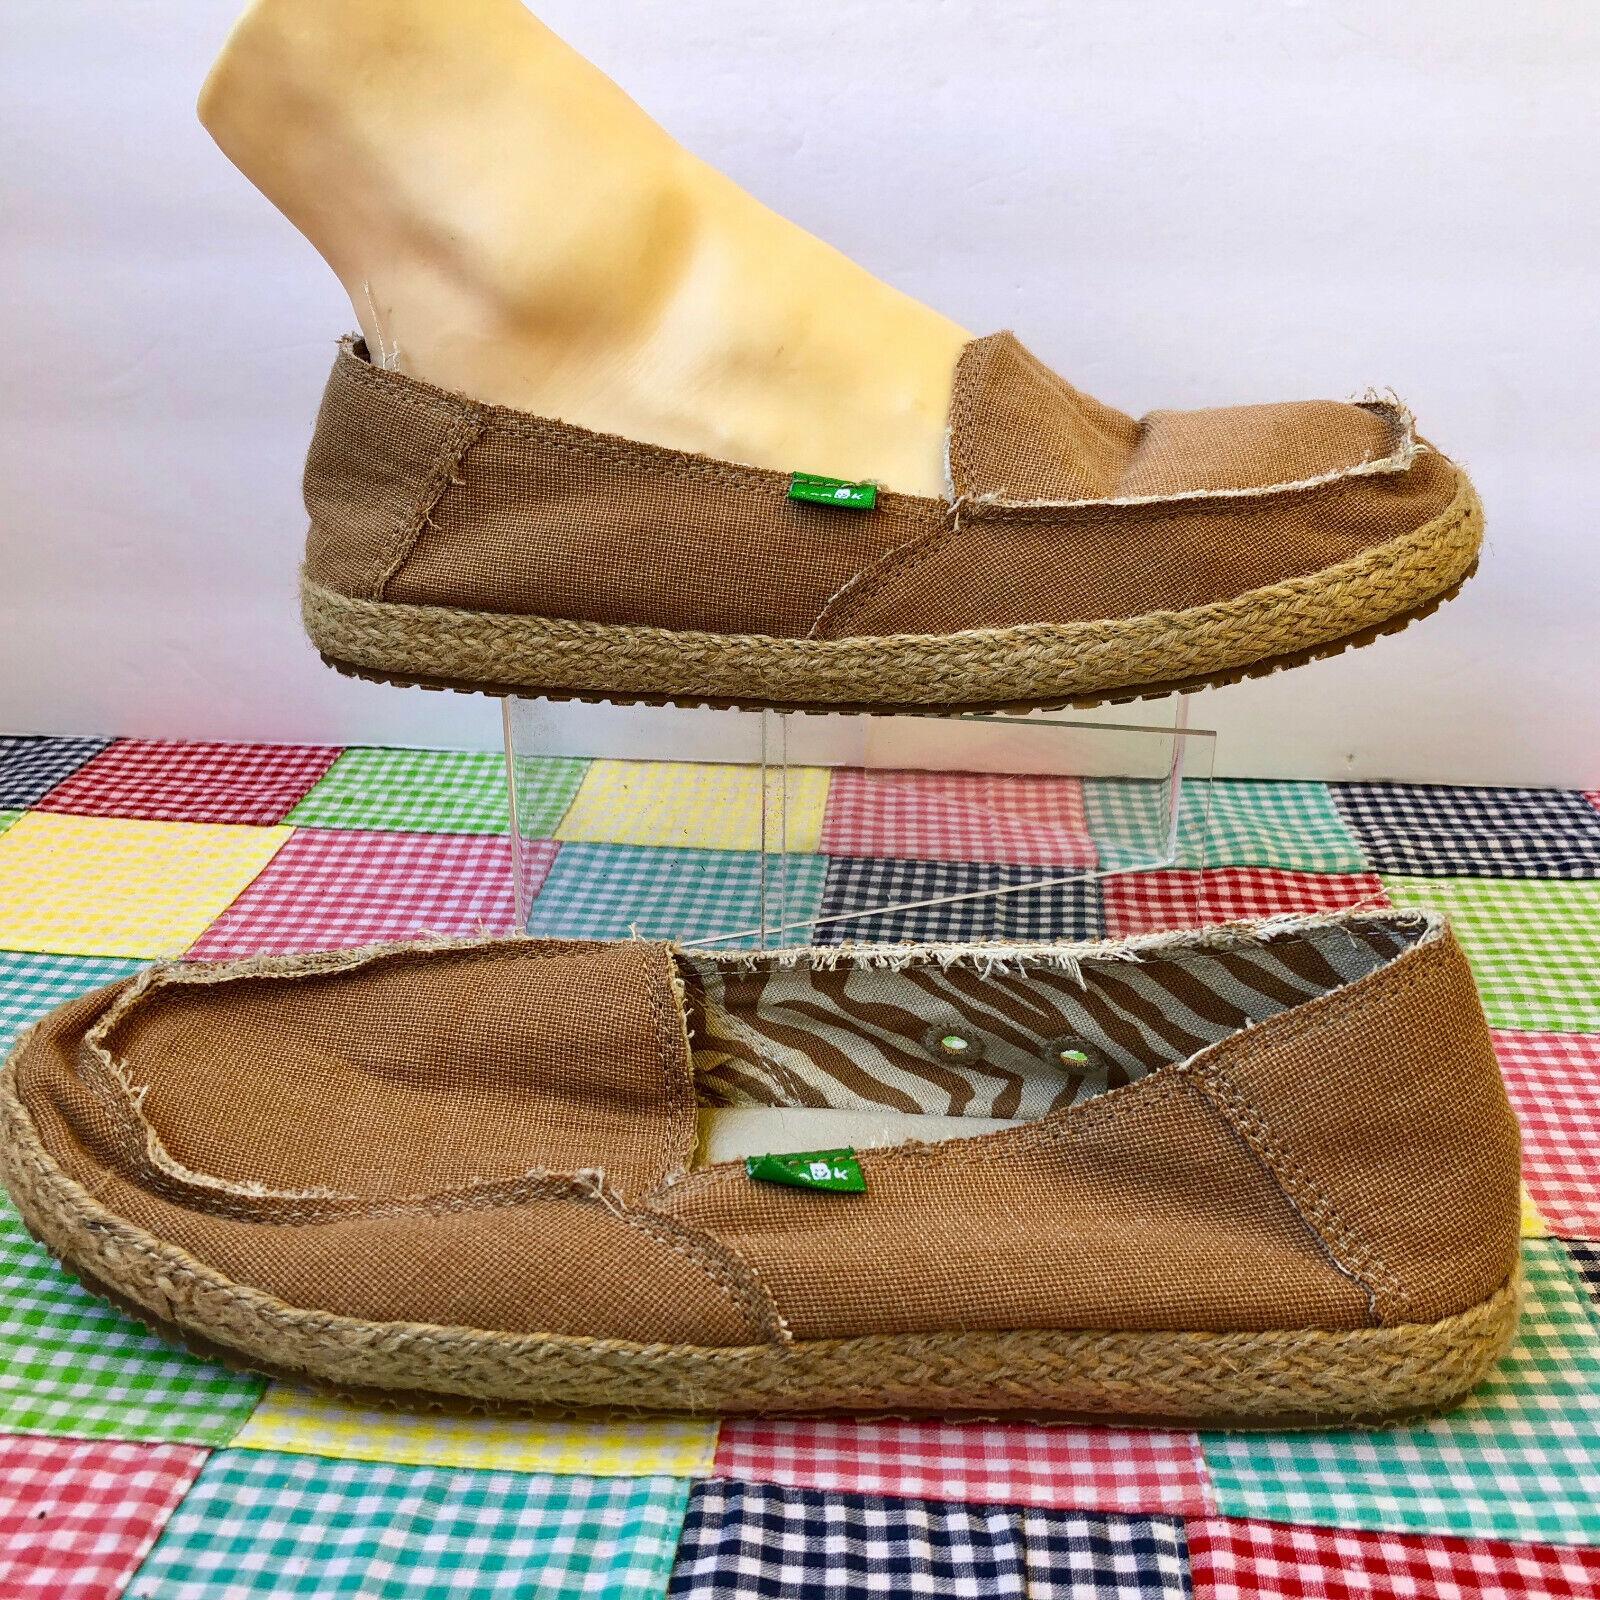 Sanuk Tan FIONA Sidewalk Surfer Loafer  9  Braided Jute & Linen Flats Womens